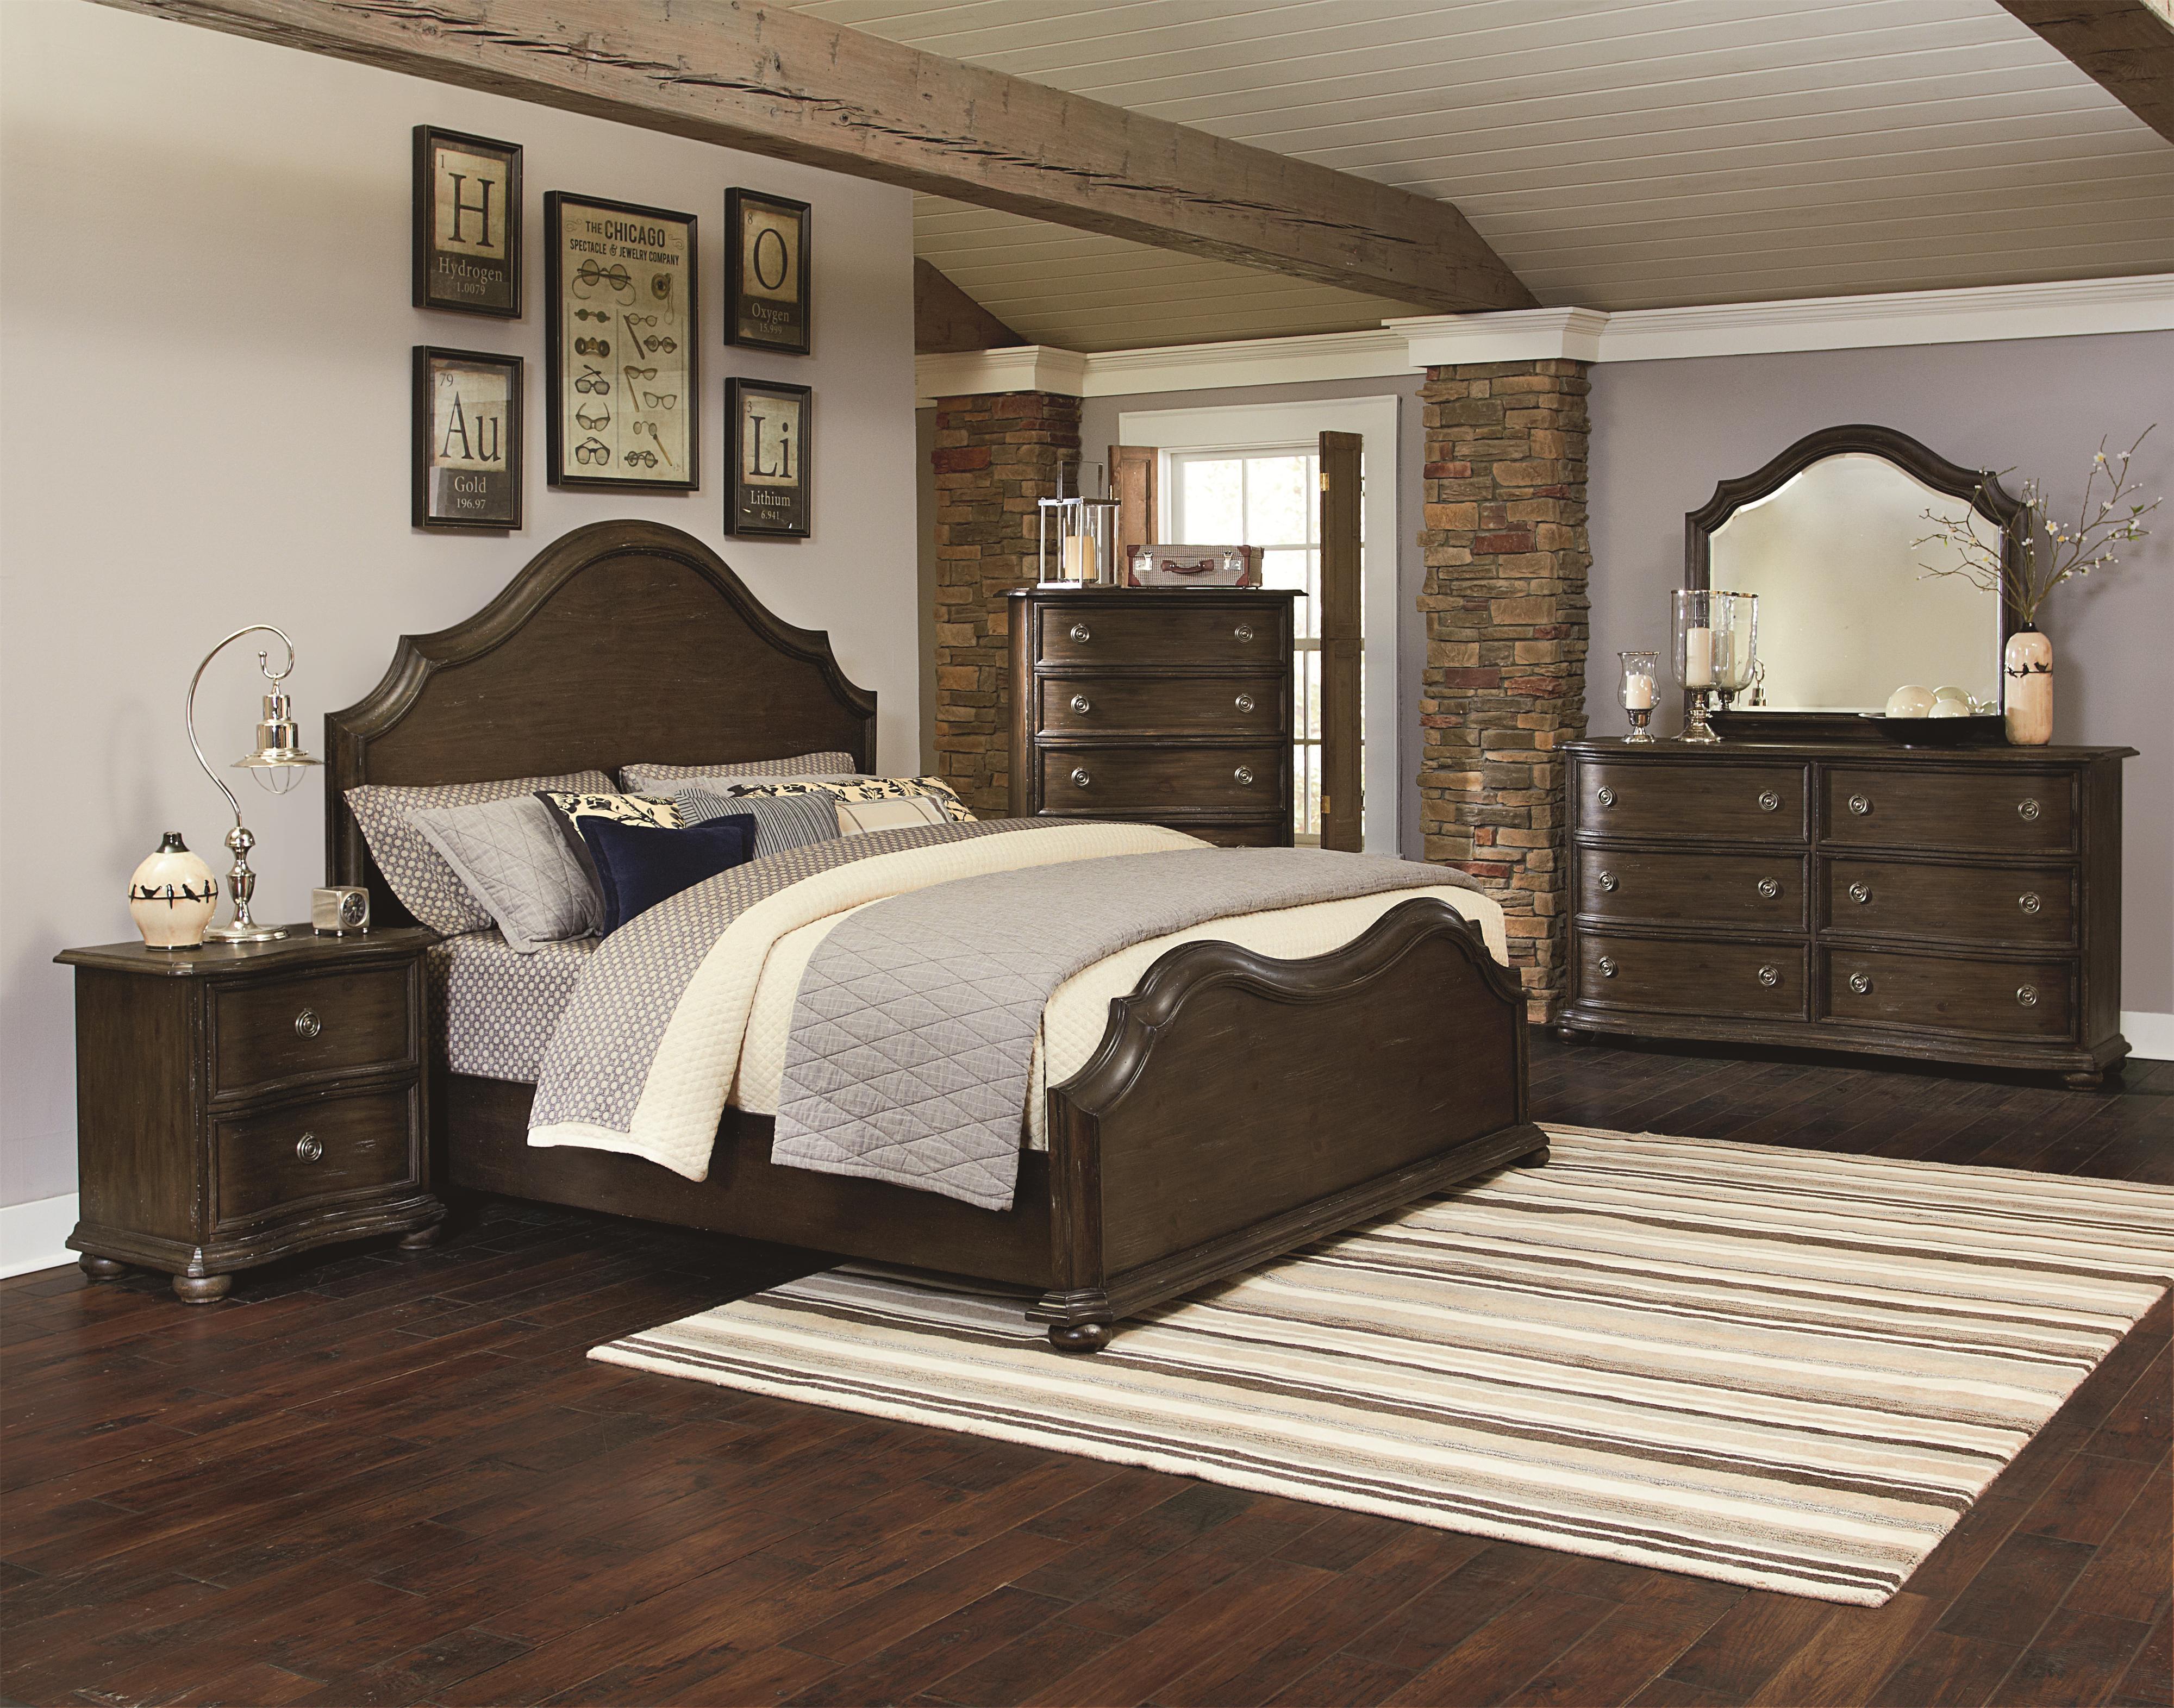 Magnussen Home Muirfield Bedroom King Bedroom Group - Item Number: B2258 K Bedroom Group 1